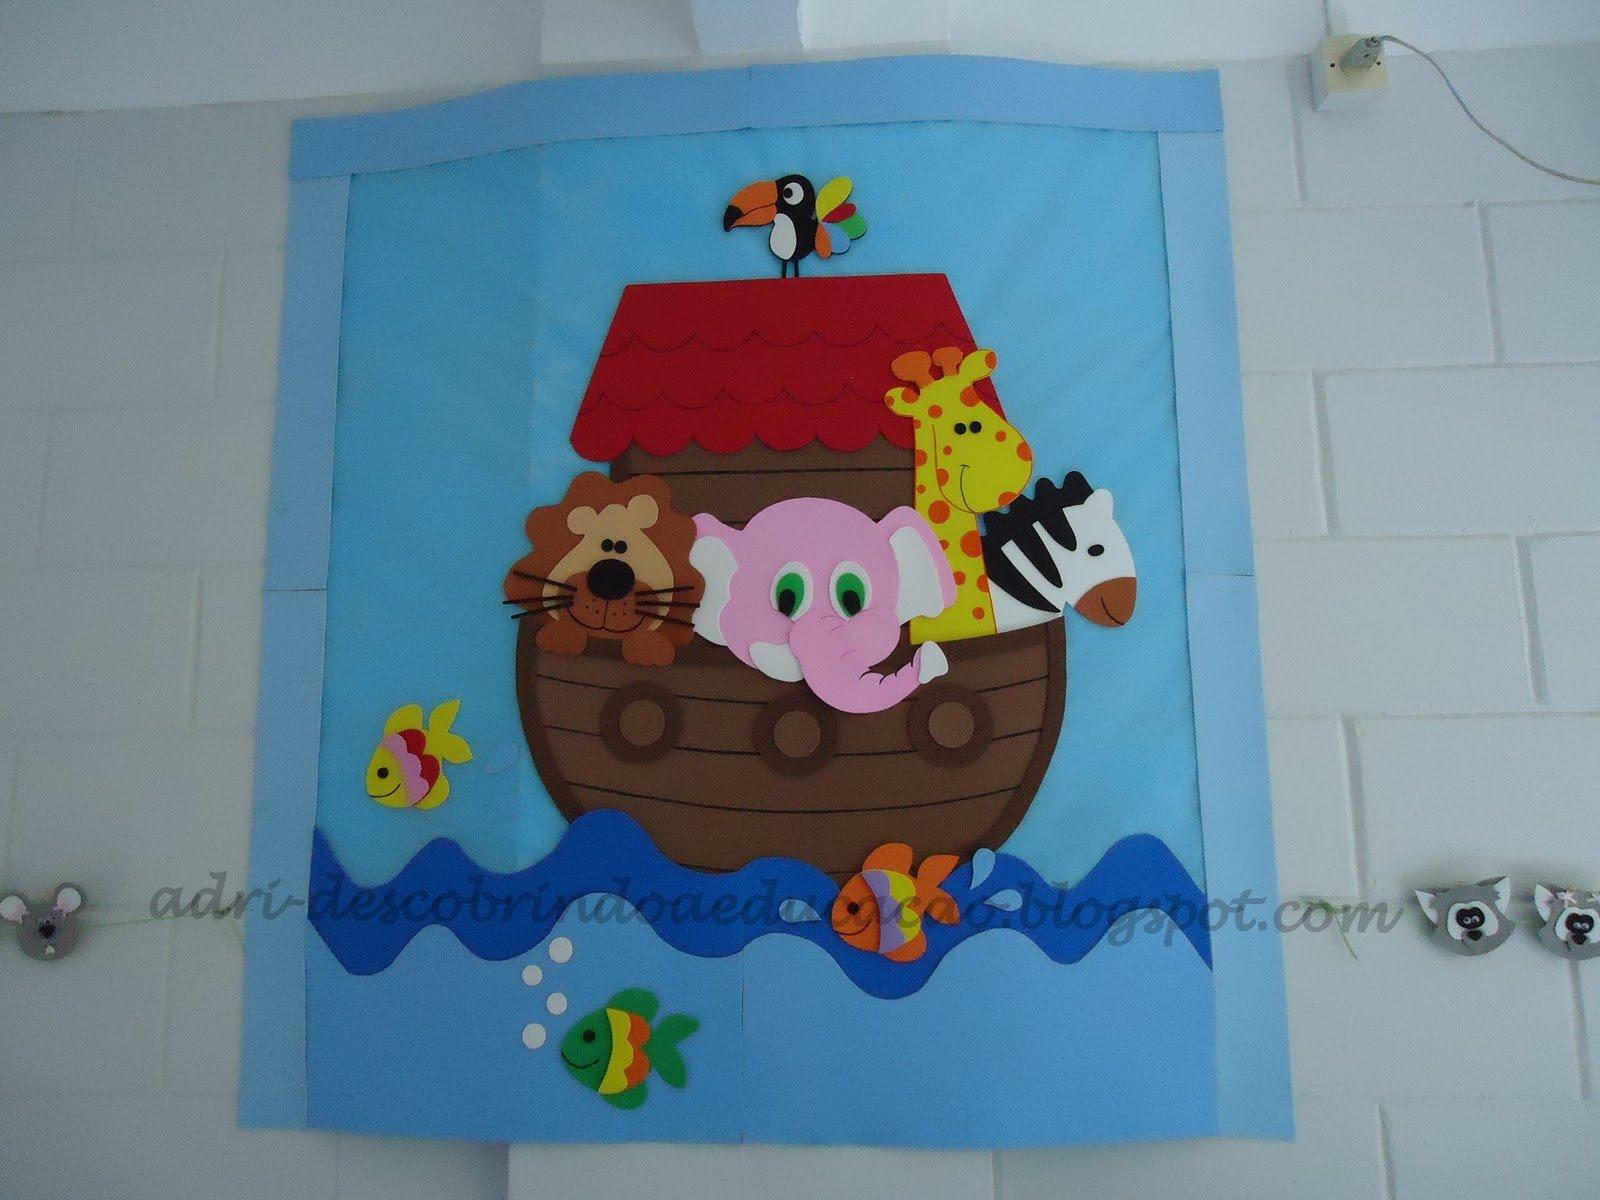 decoracao de sala infantil evangelica – Doitricom -> Decoracao Banheiro Educacao Infantil